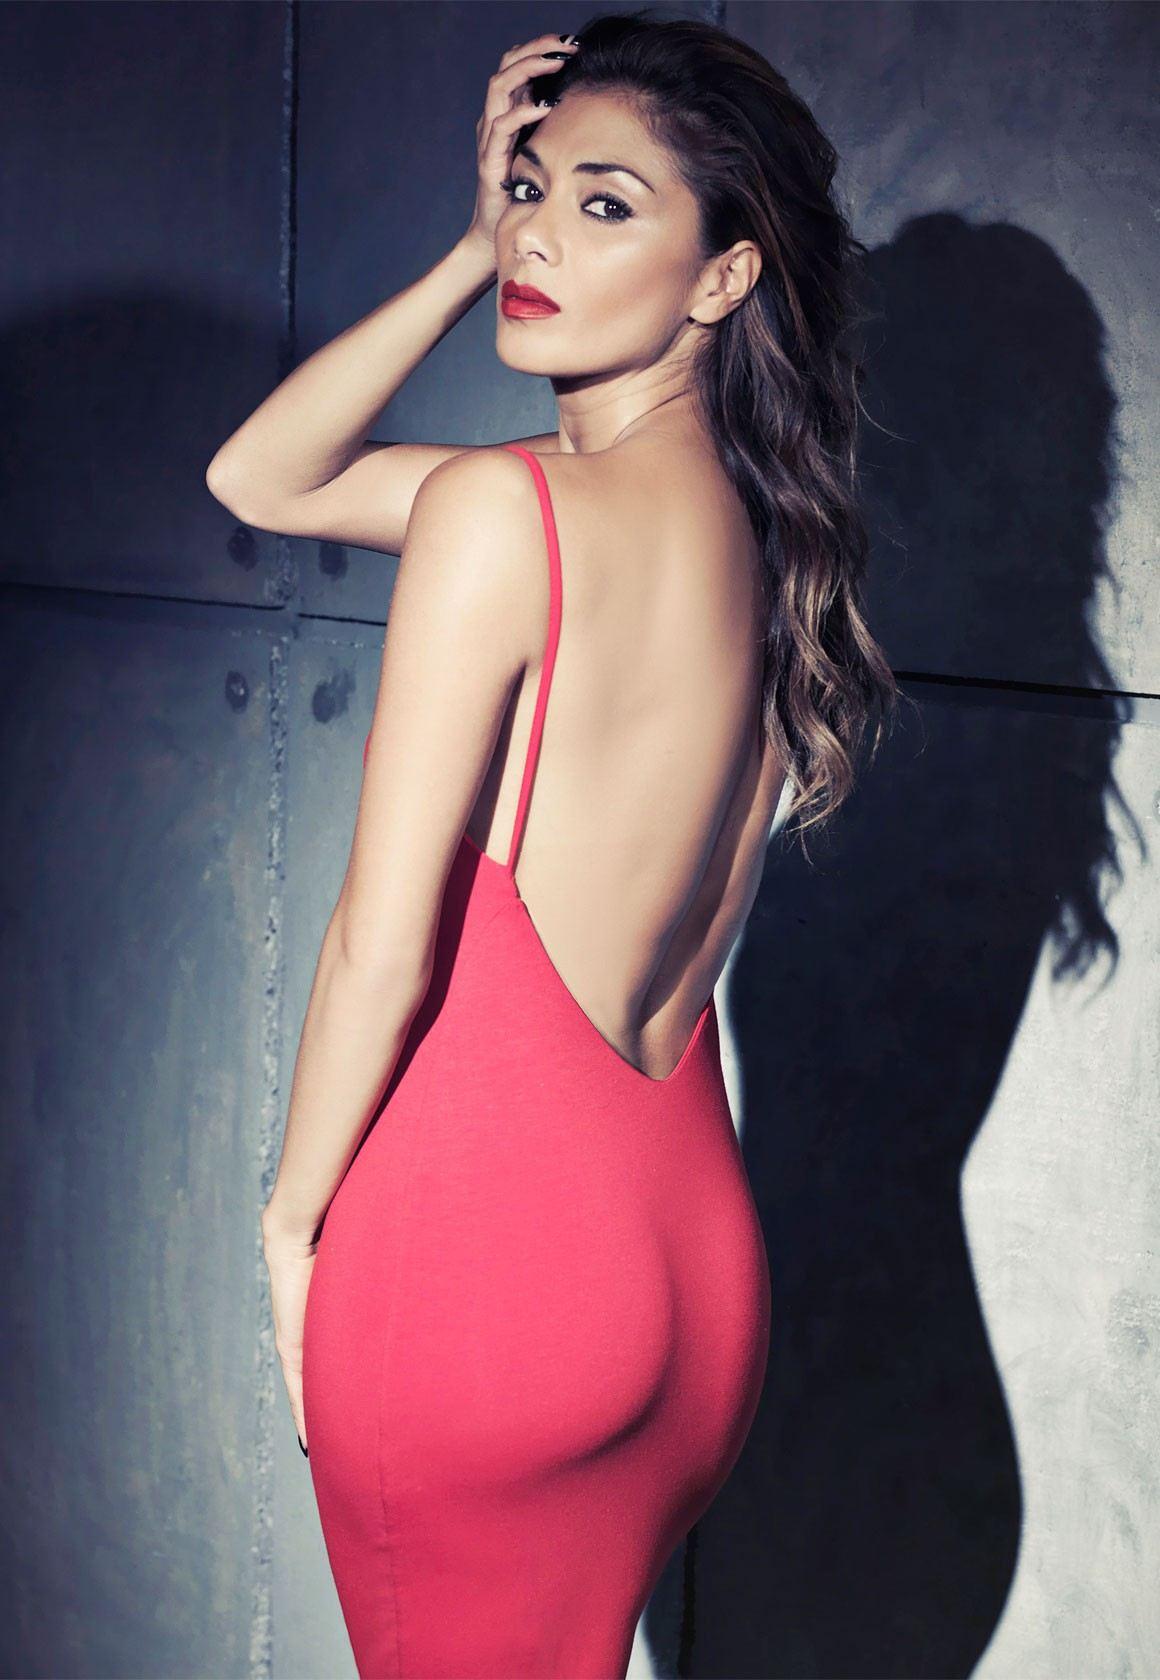 Nicole Scherzinger booty n' hot